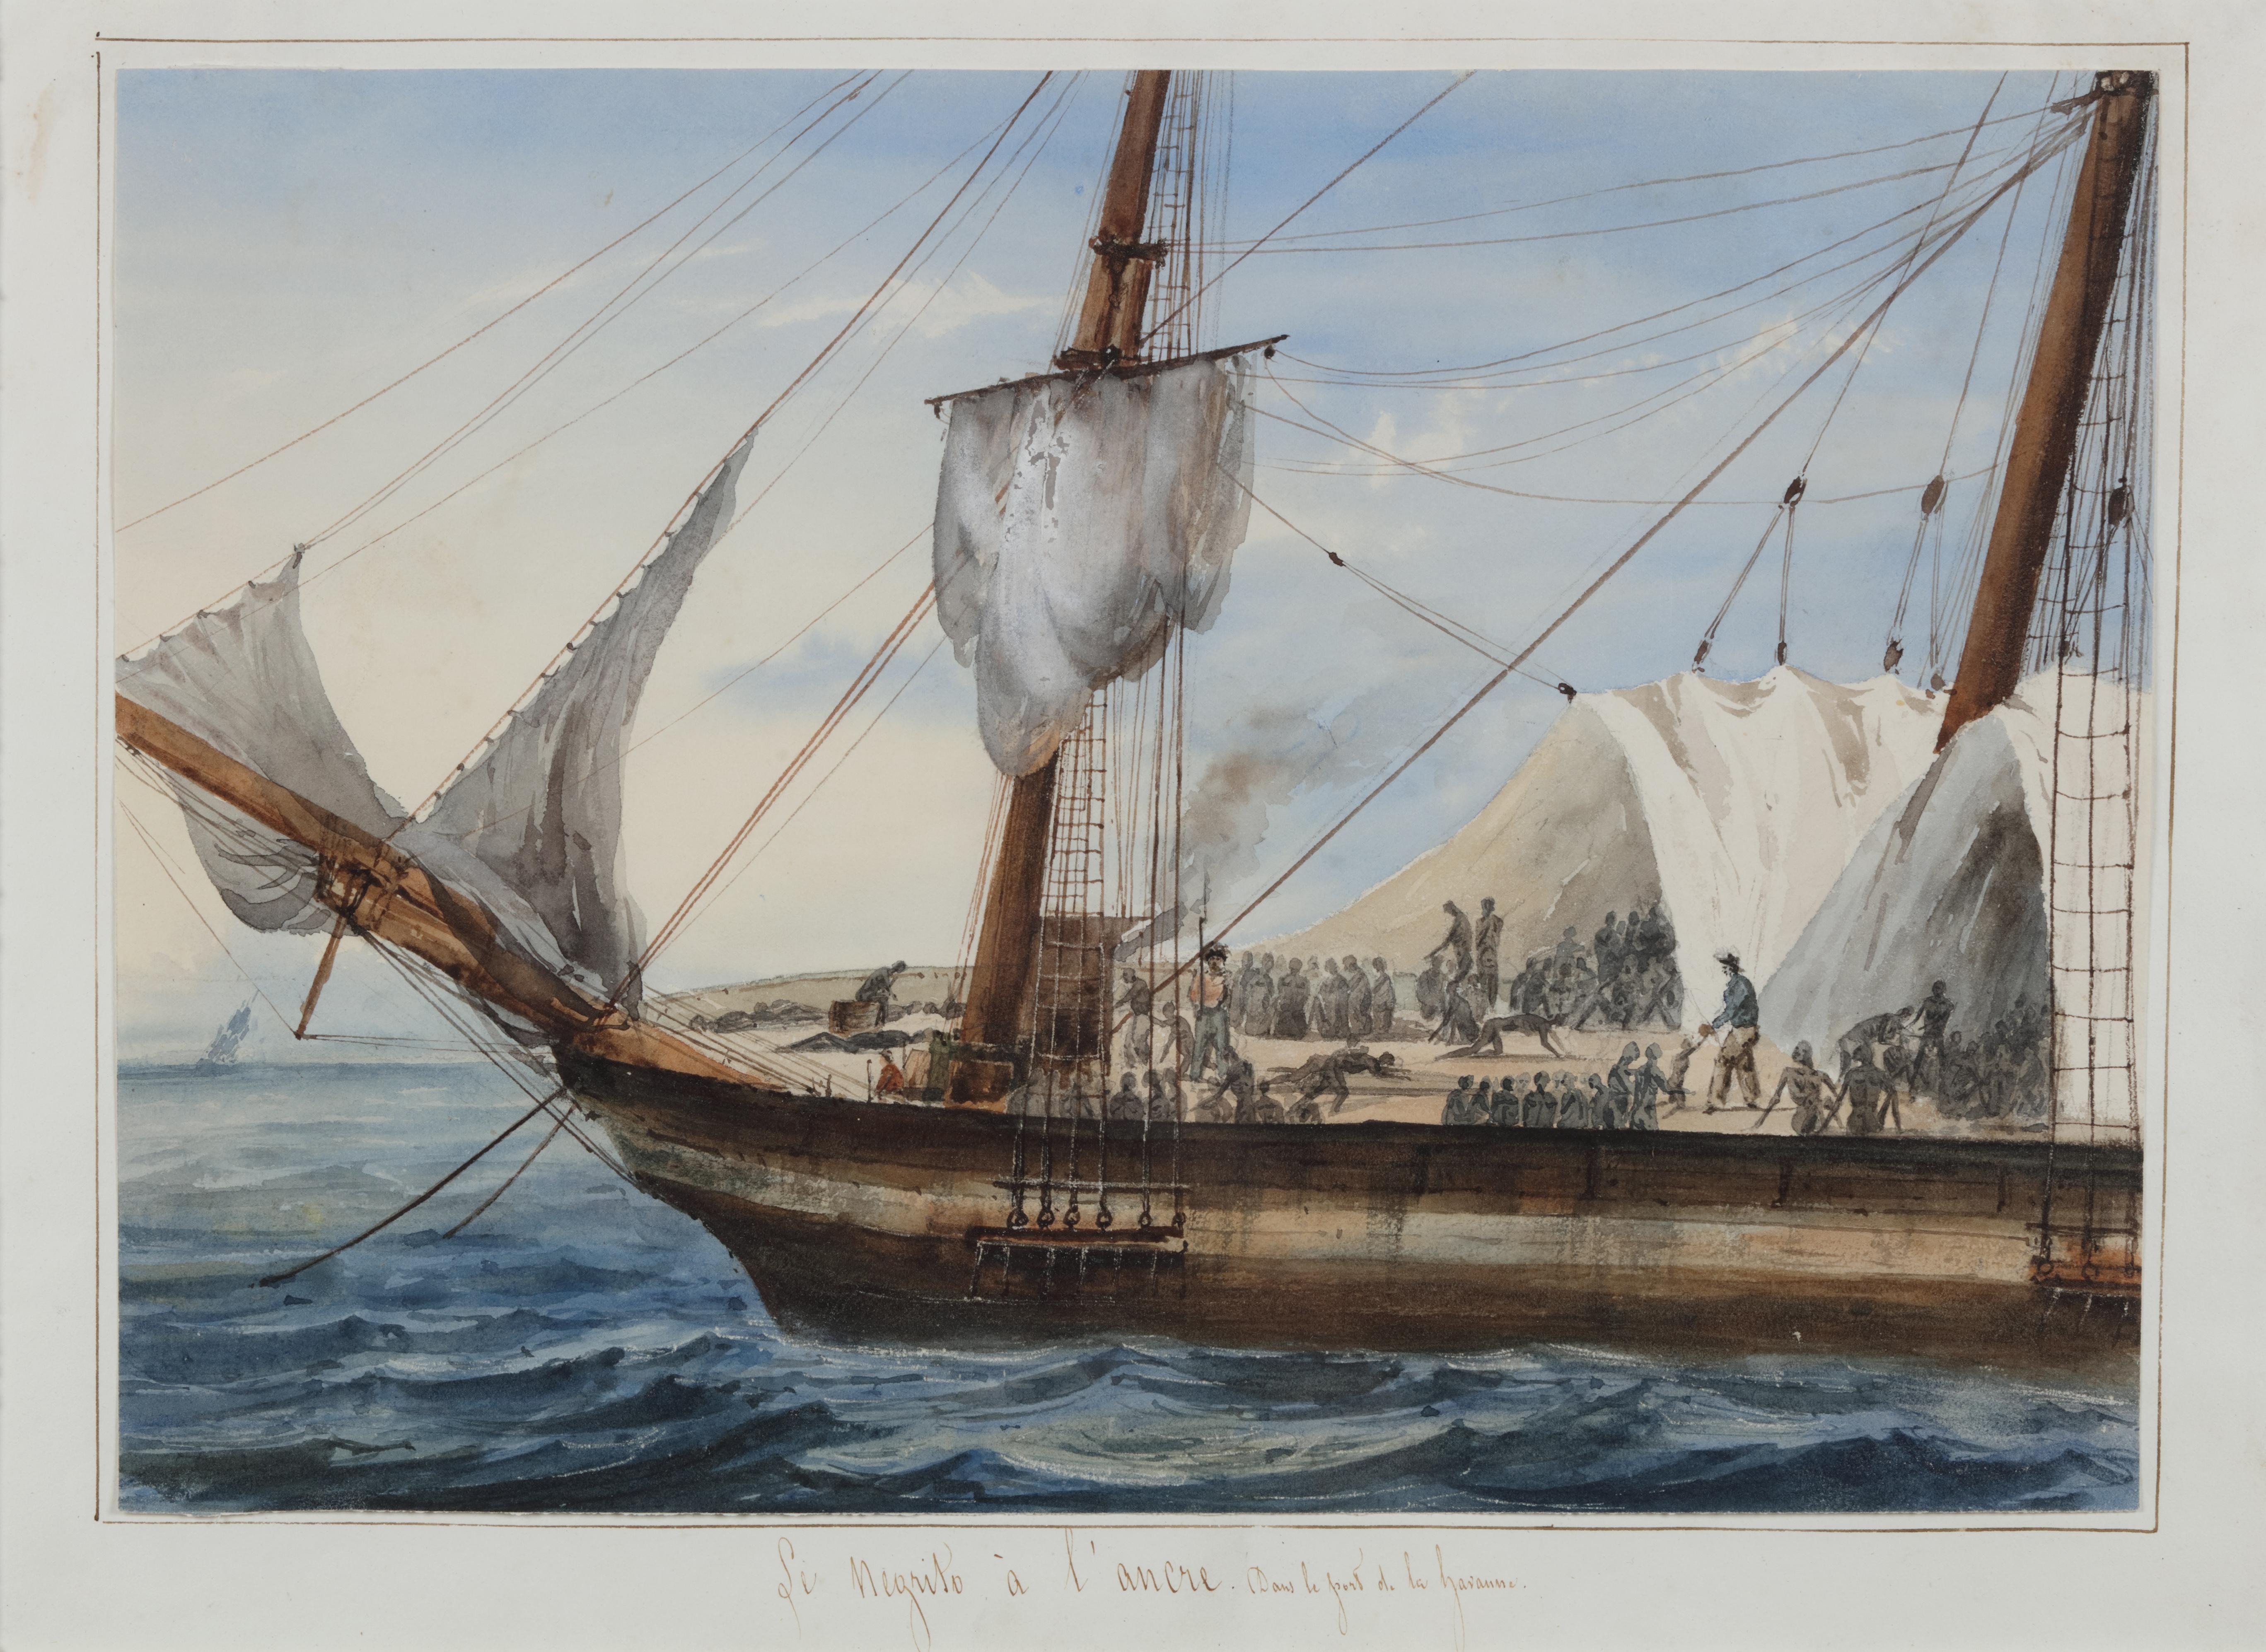 Portrait of a Slave Ship: 'Le Negrito à l'ancre. Dans le port de la havanne'